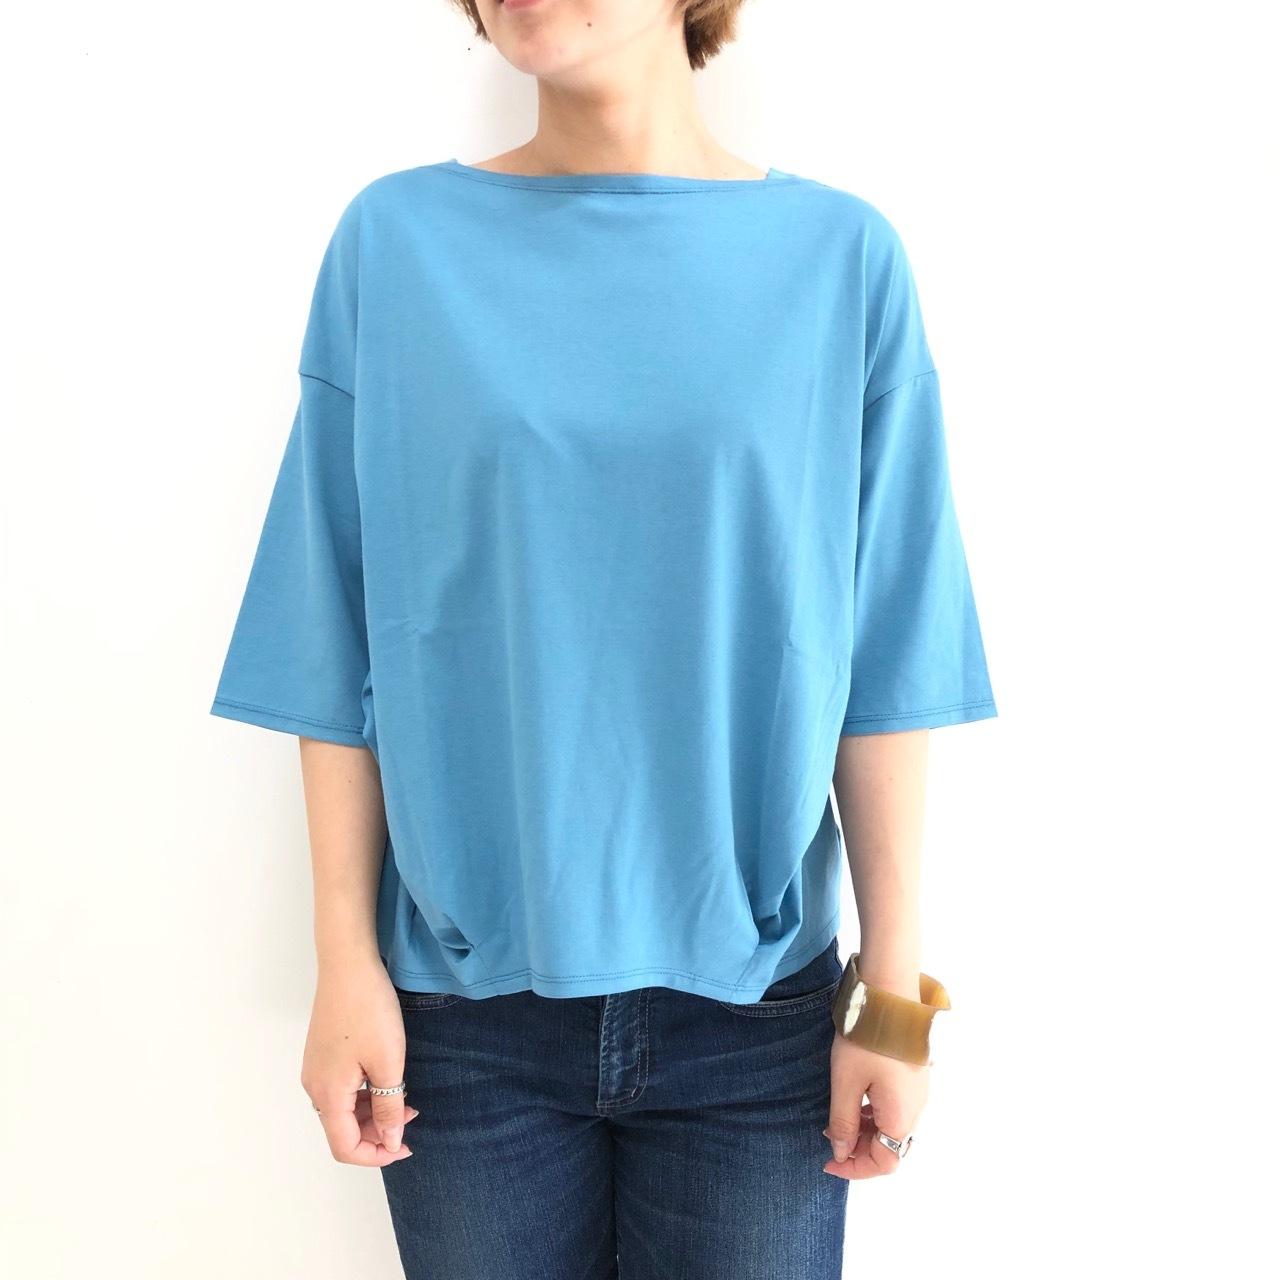 【 CYINICAL 】- 920-95524 - ボートネックTeeシャツ